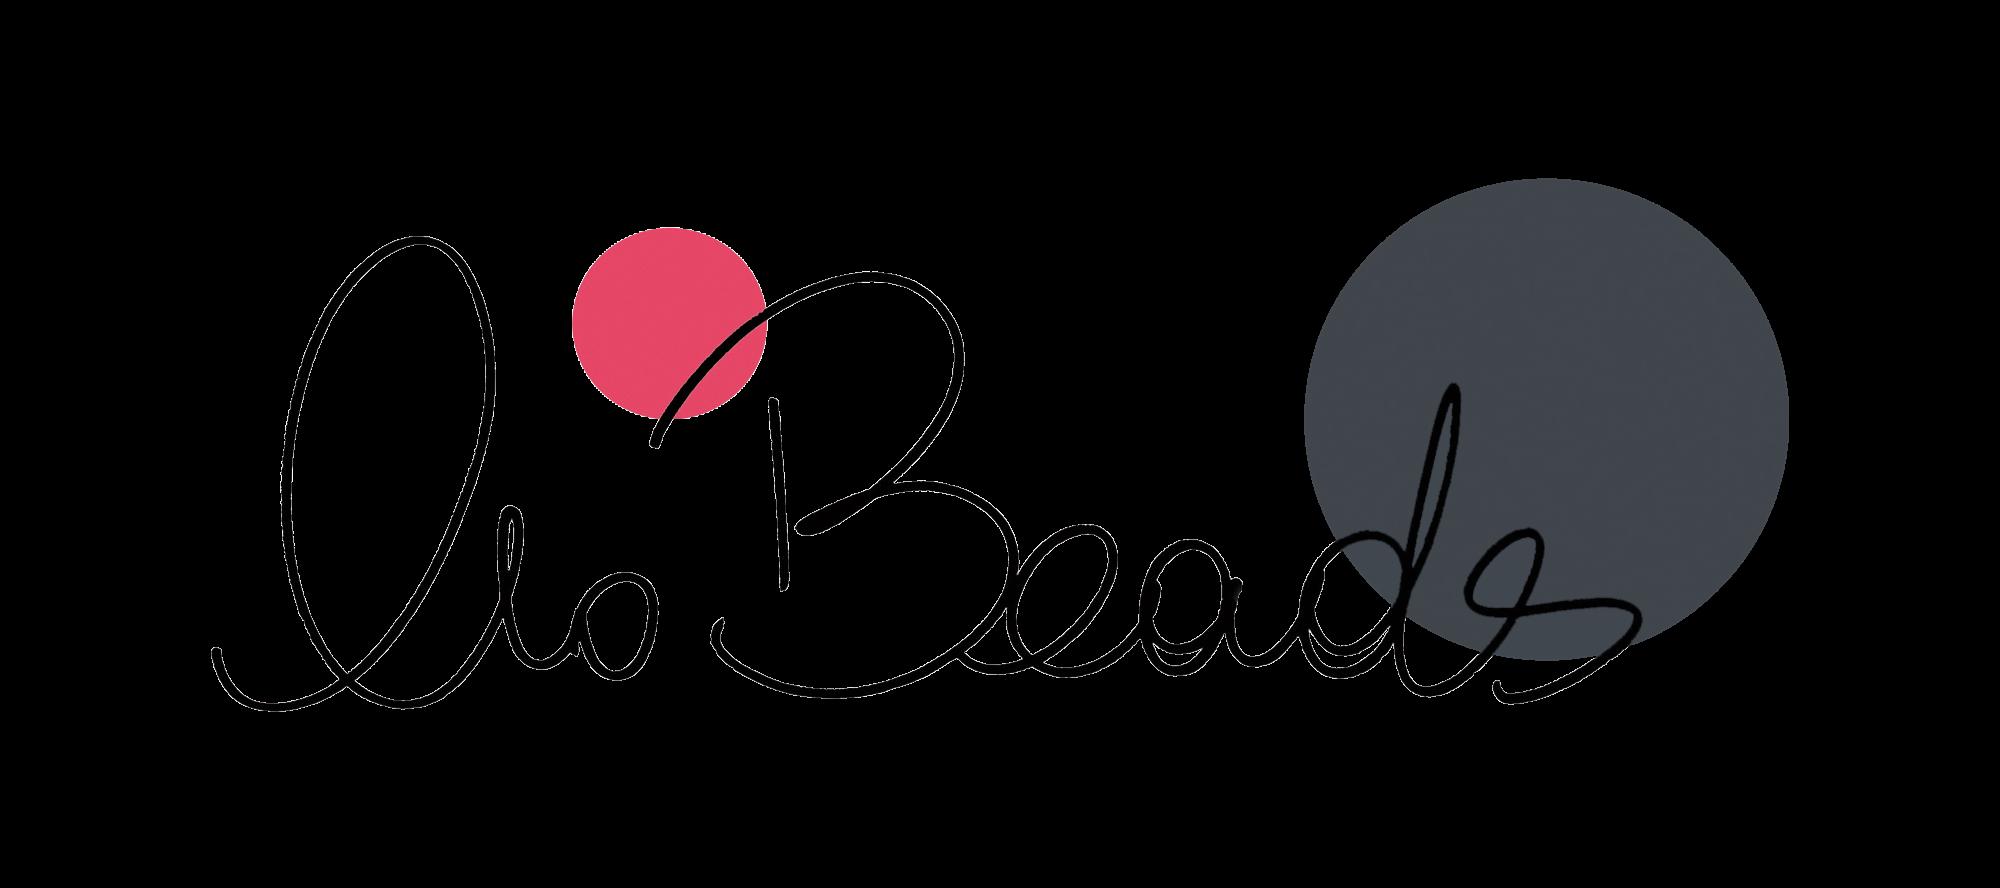 Mo'Beads